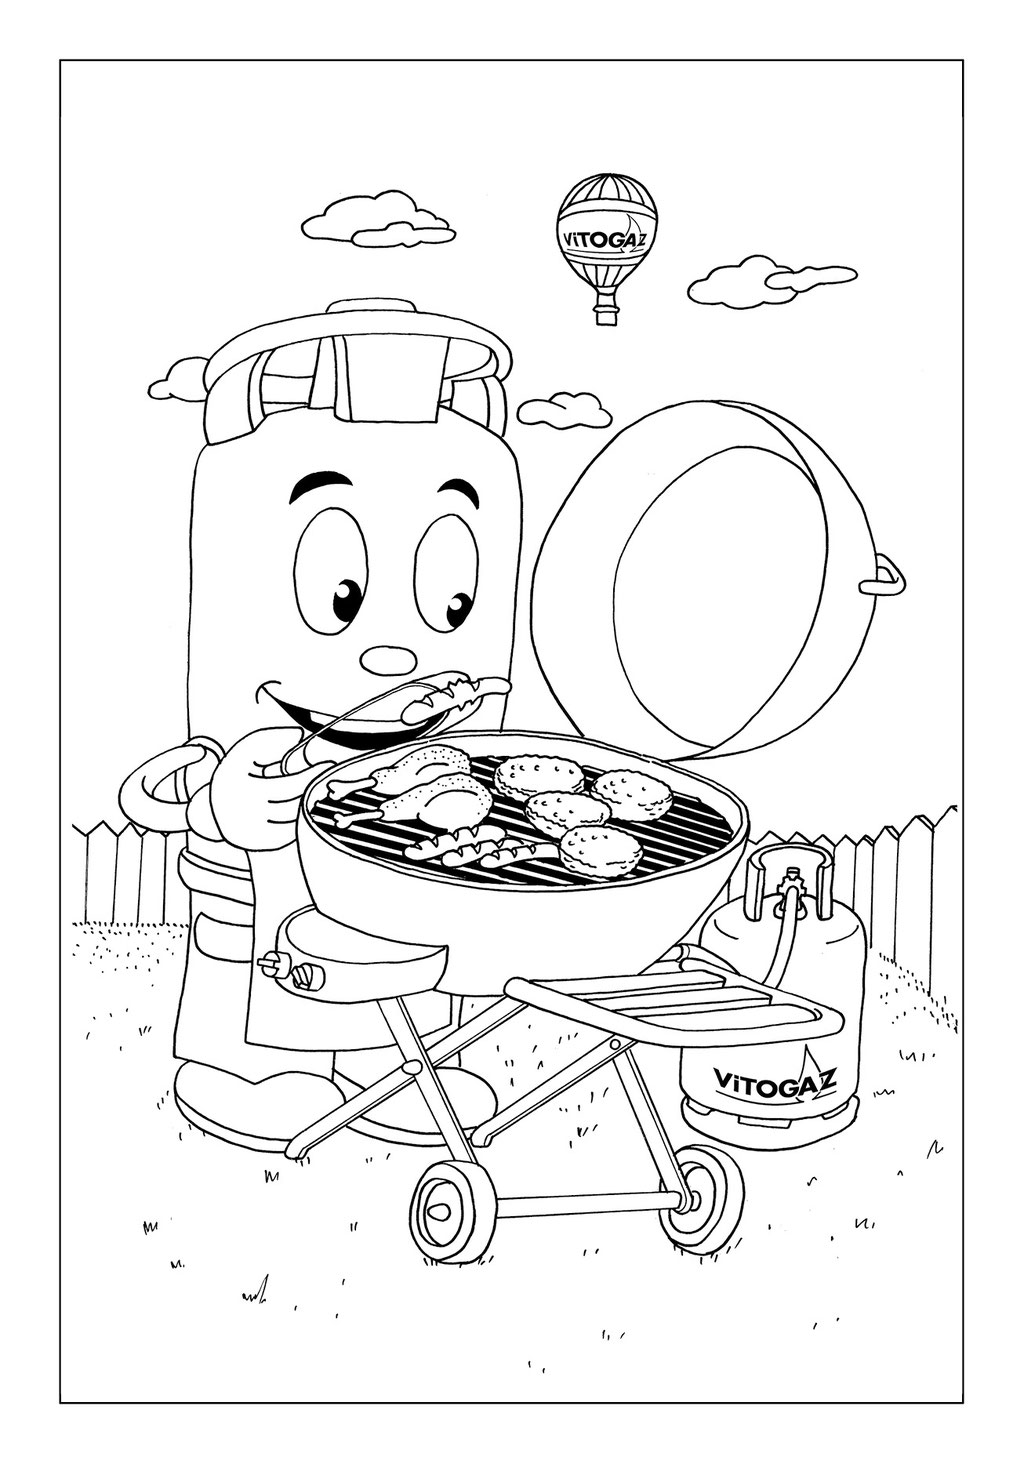 Vitogaz Kinder-Malbuch: Idee Zeichnung und Illustration: beim Fleisch grillen